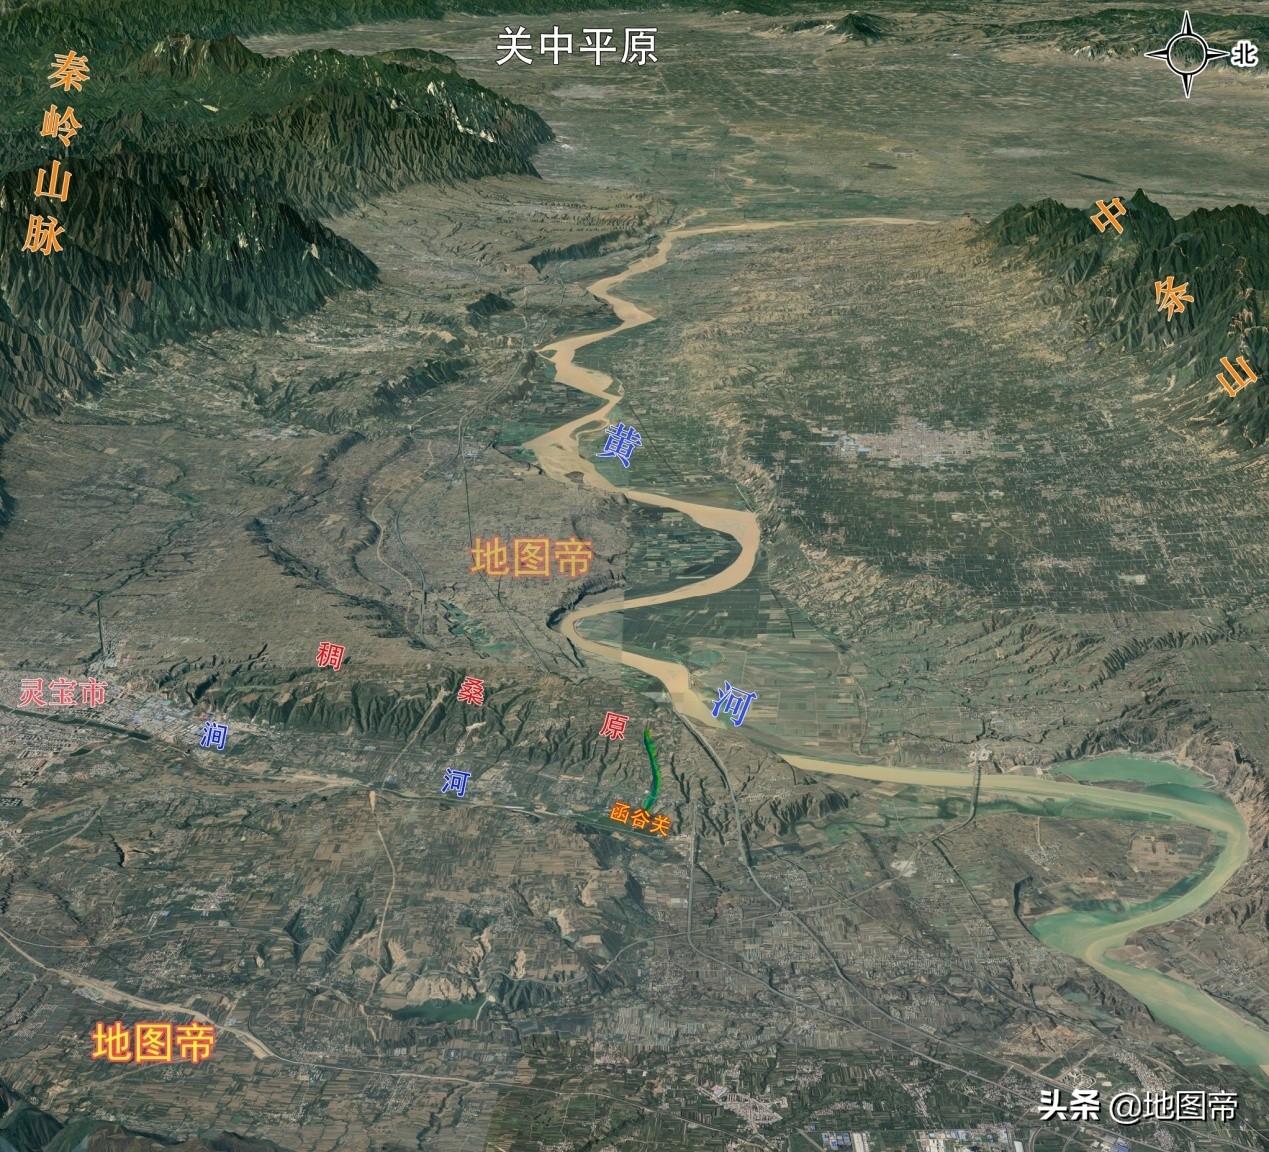 灵宝,在陕西还是在河南?